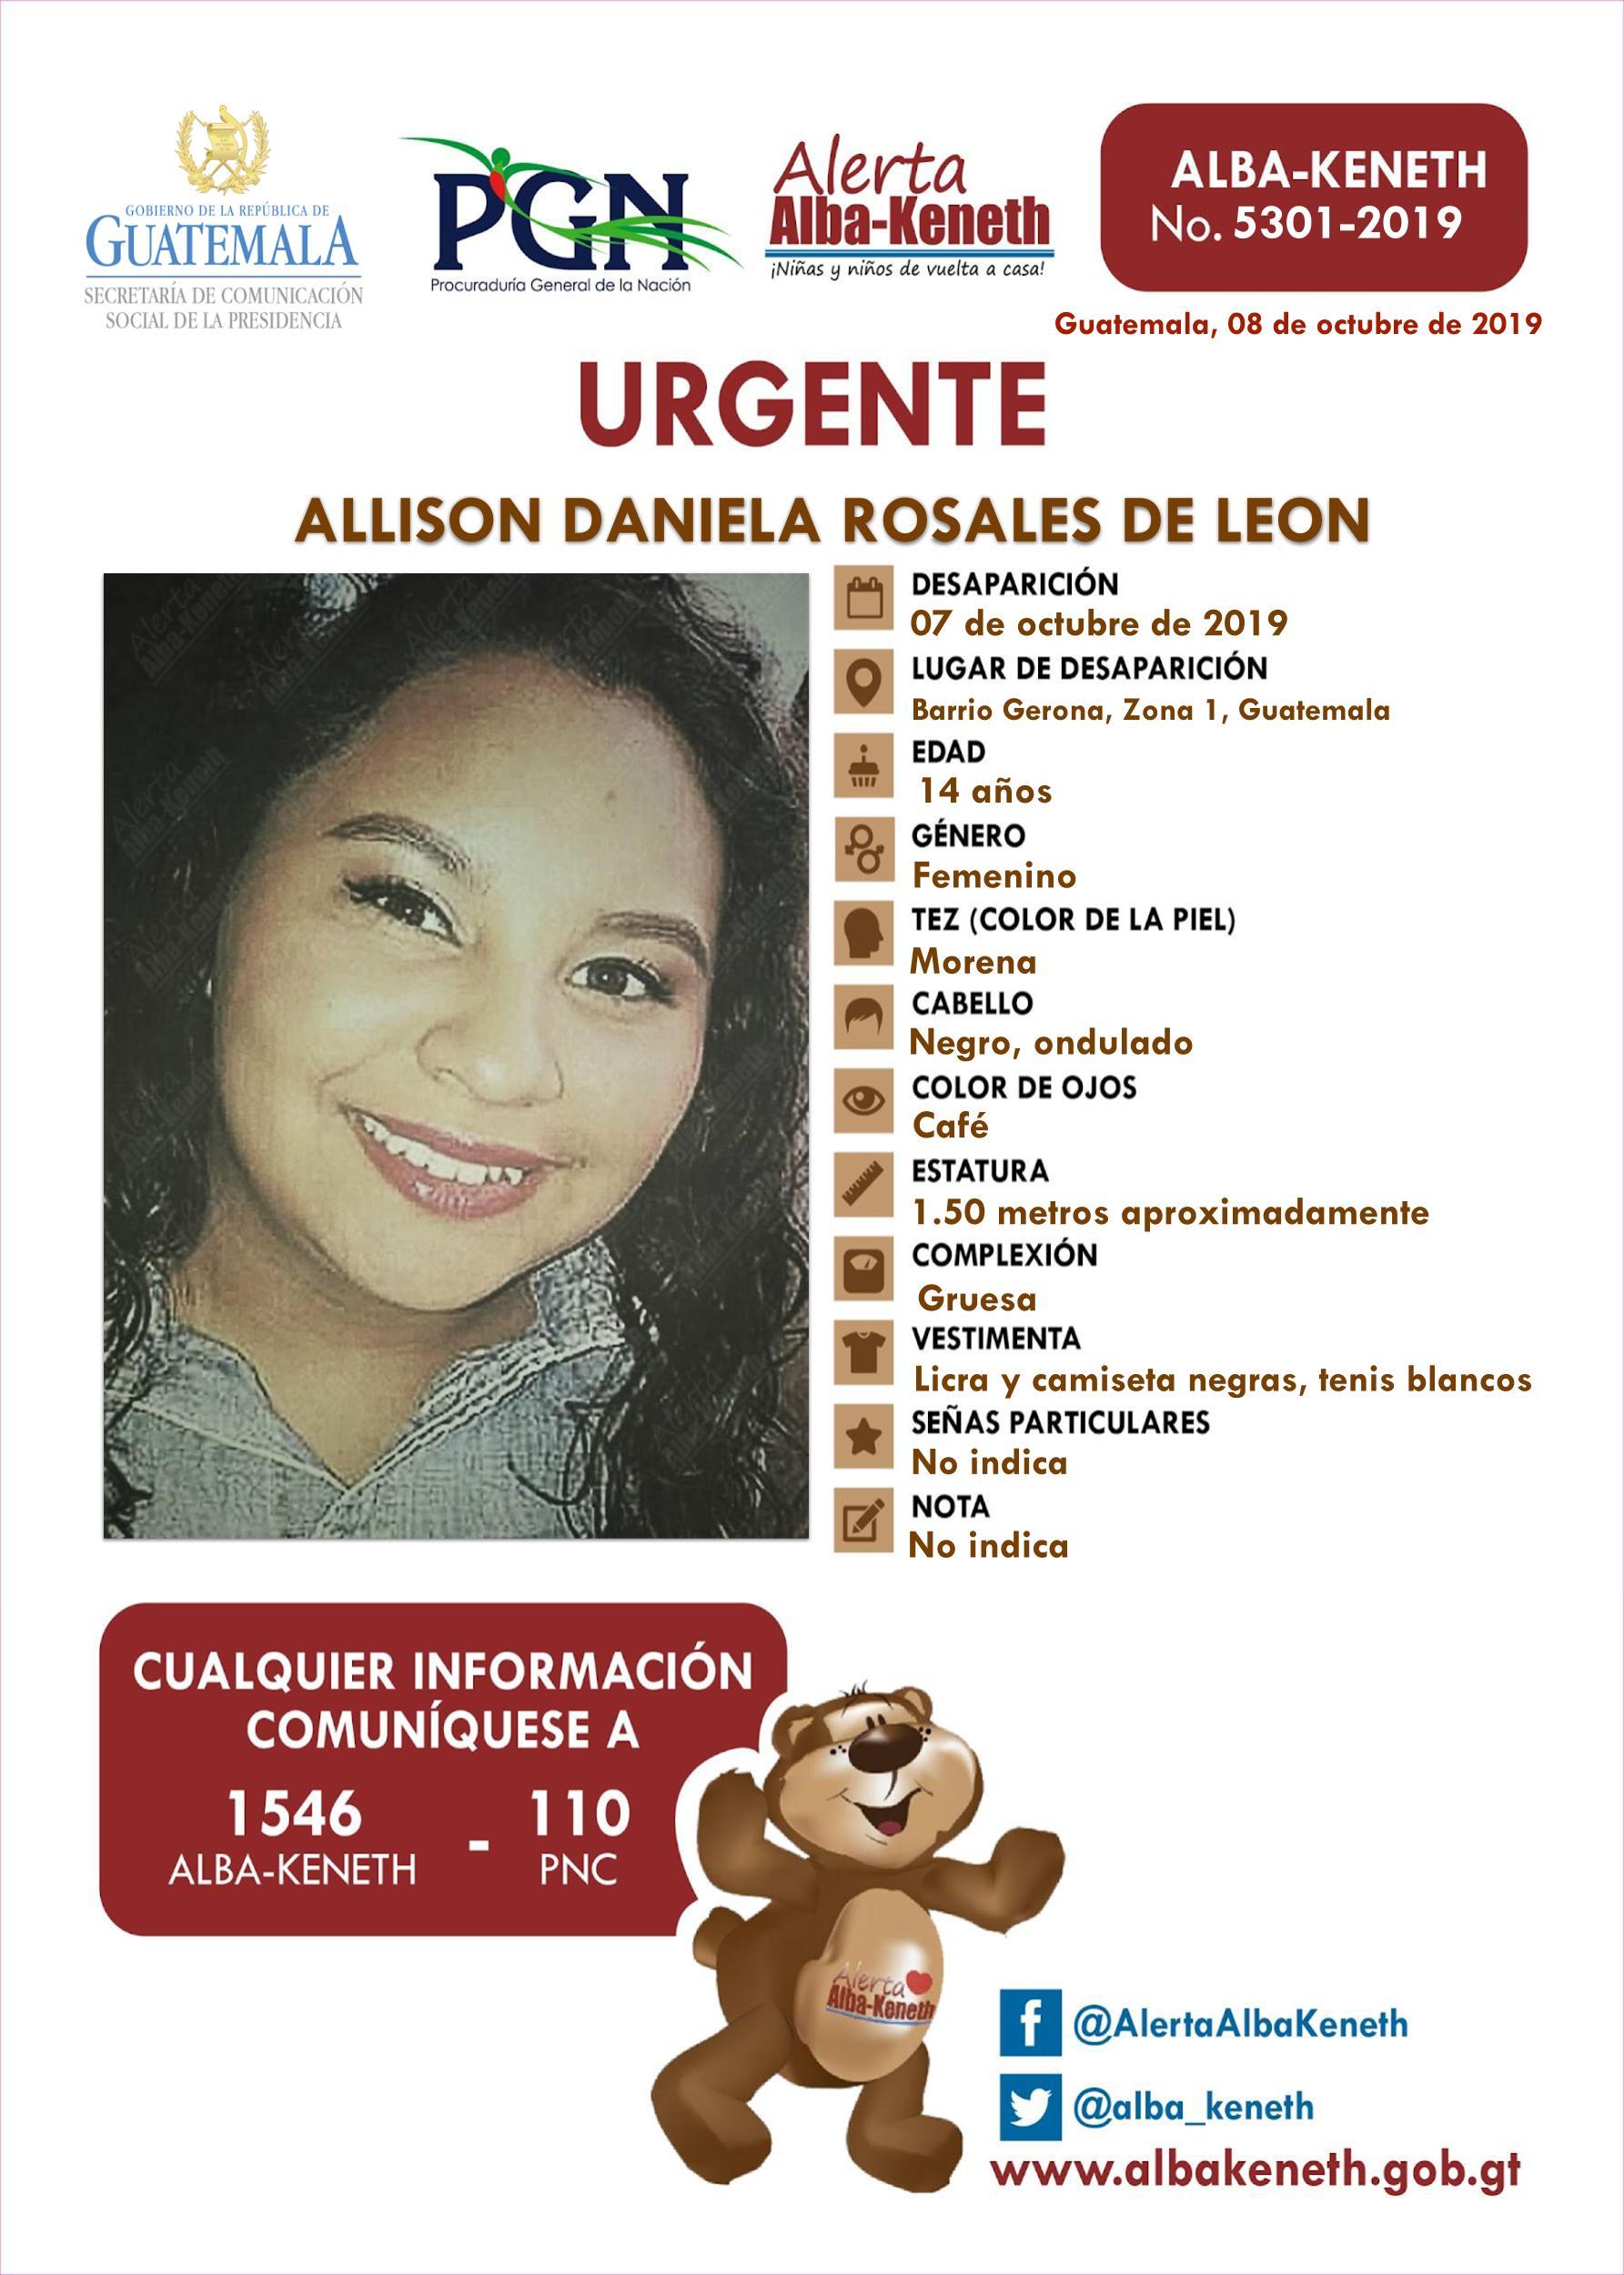 Allison Daniela Rosales de Leon